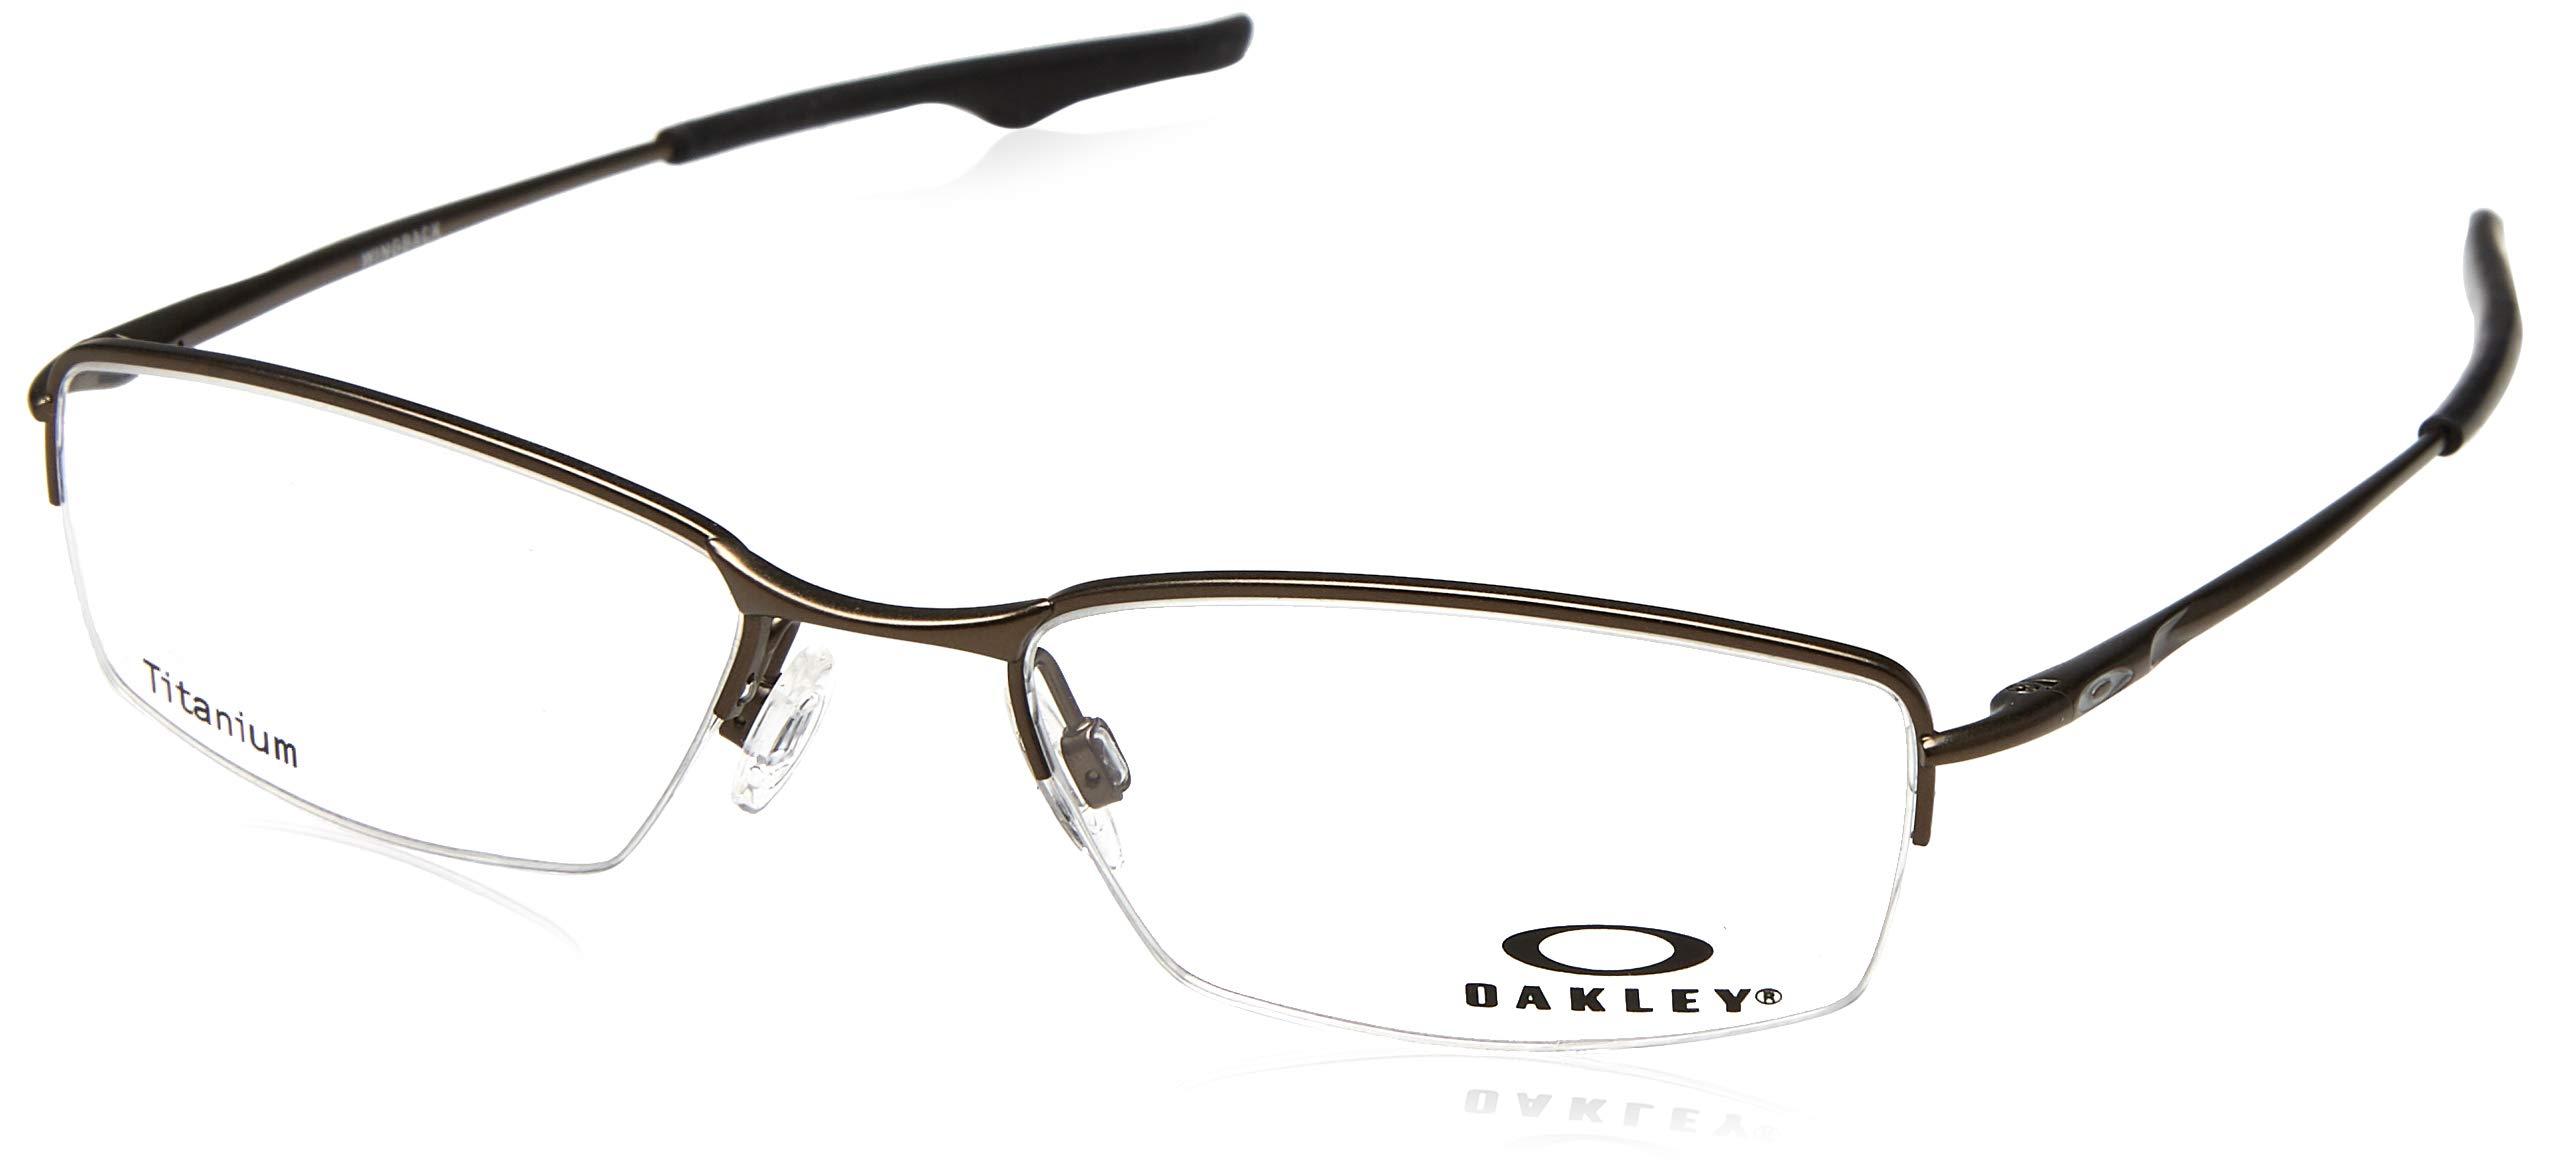 Oakley OX5089-05 Wingback Eyeglasses-Pewter-51mm by Oakley